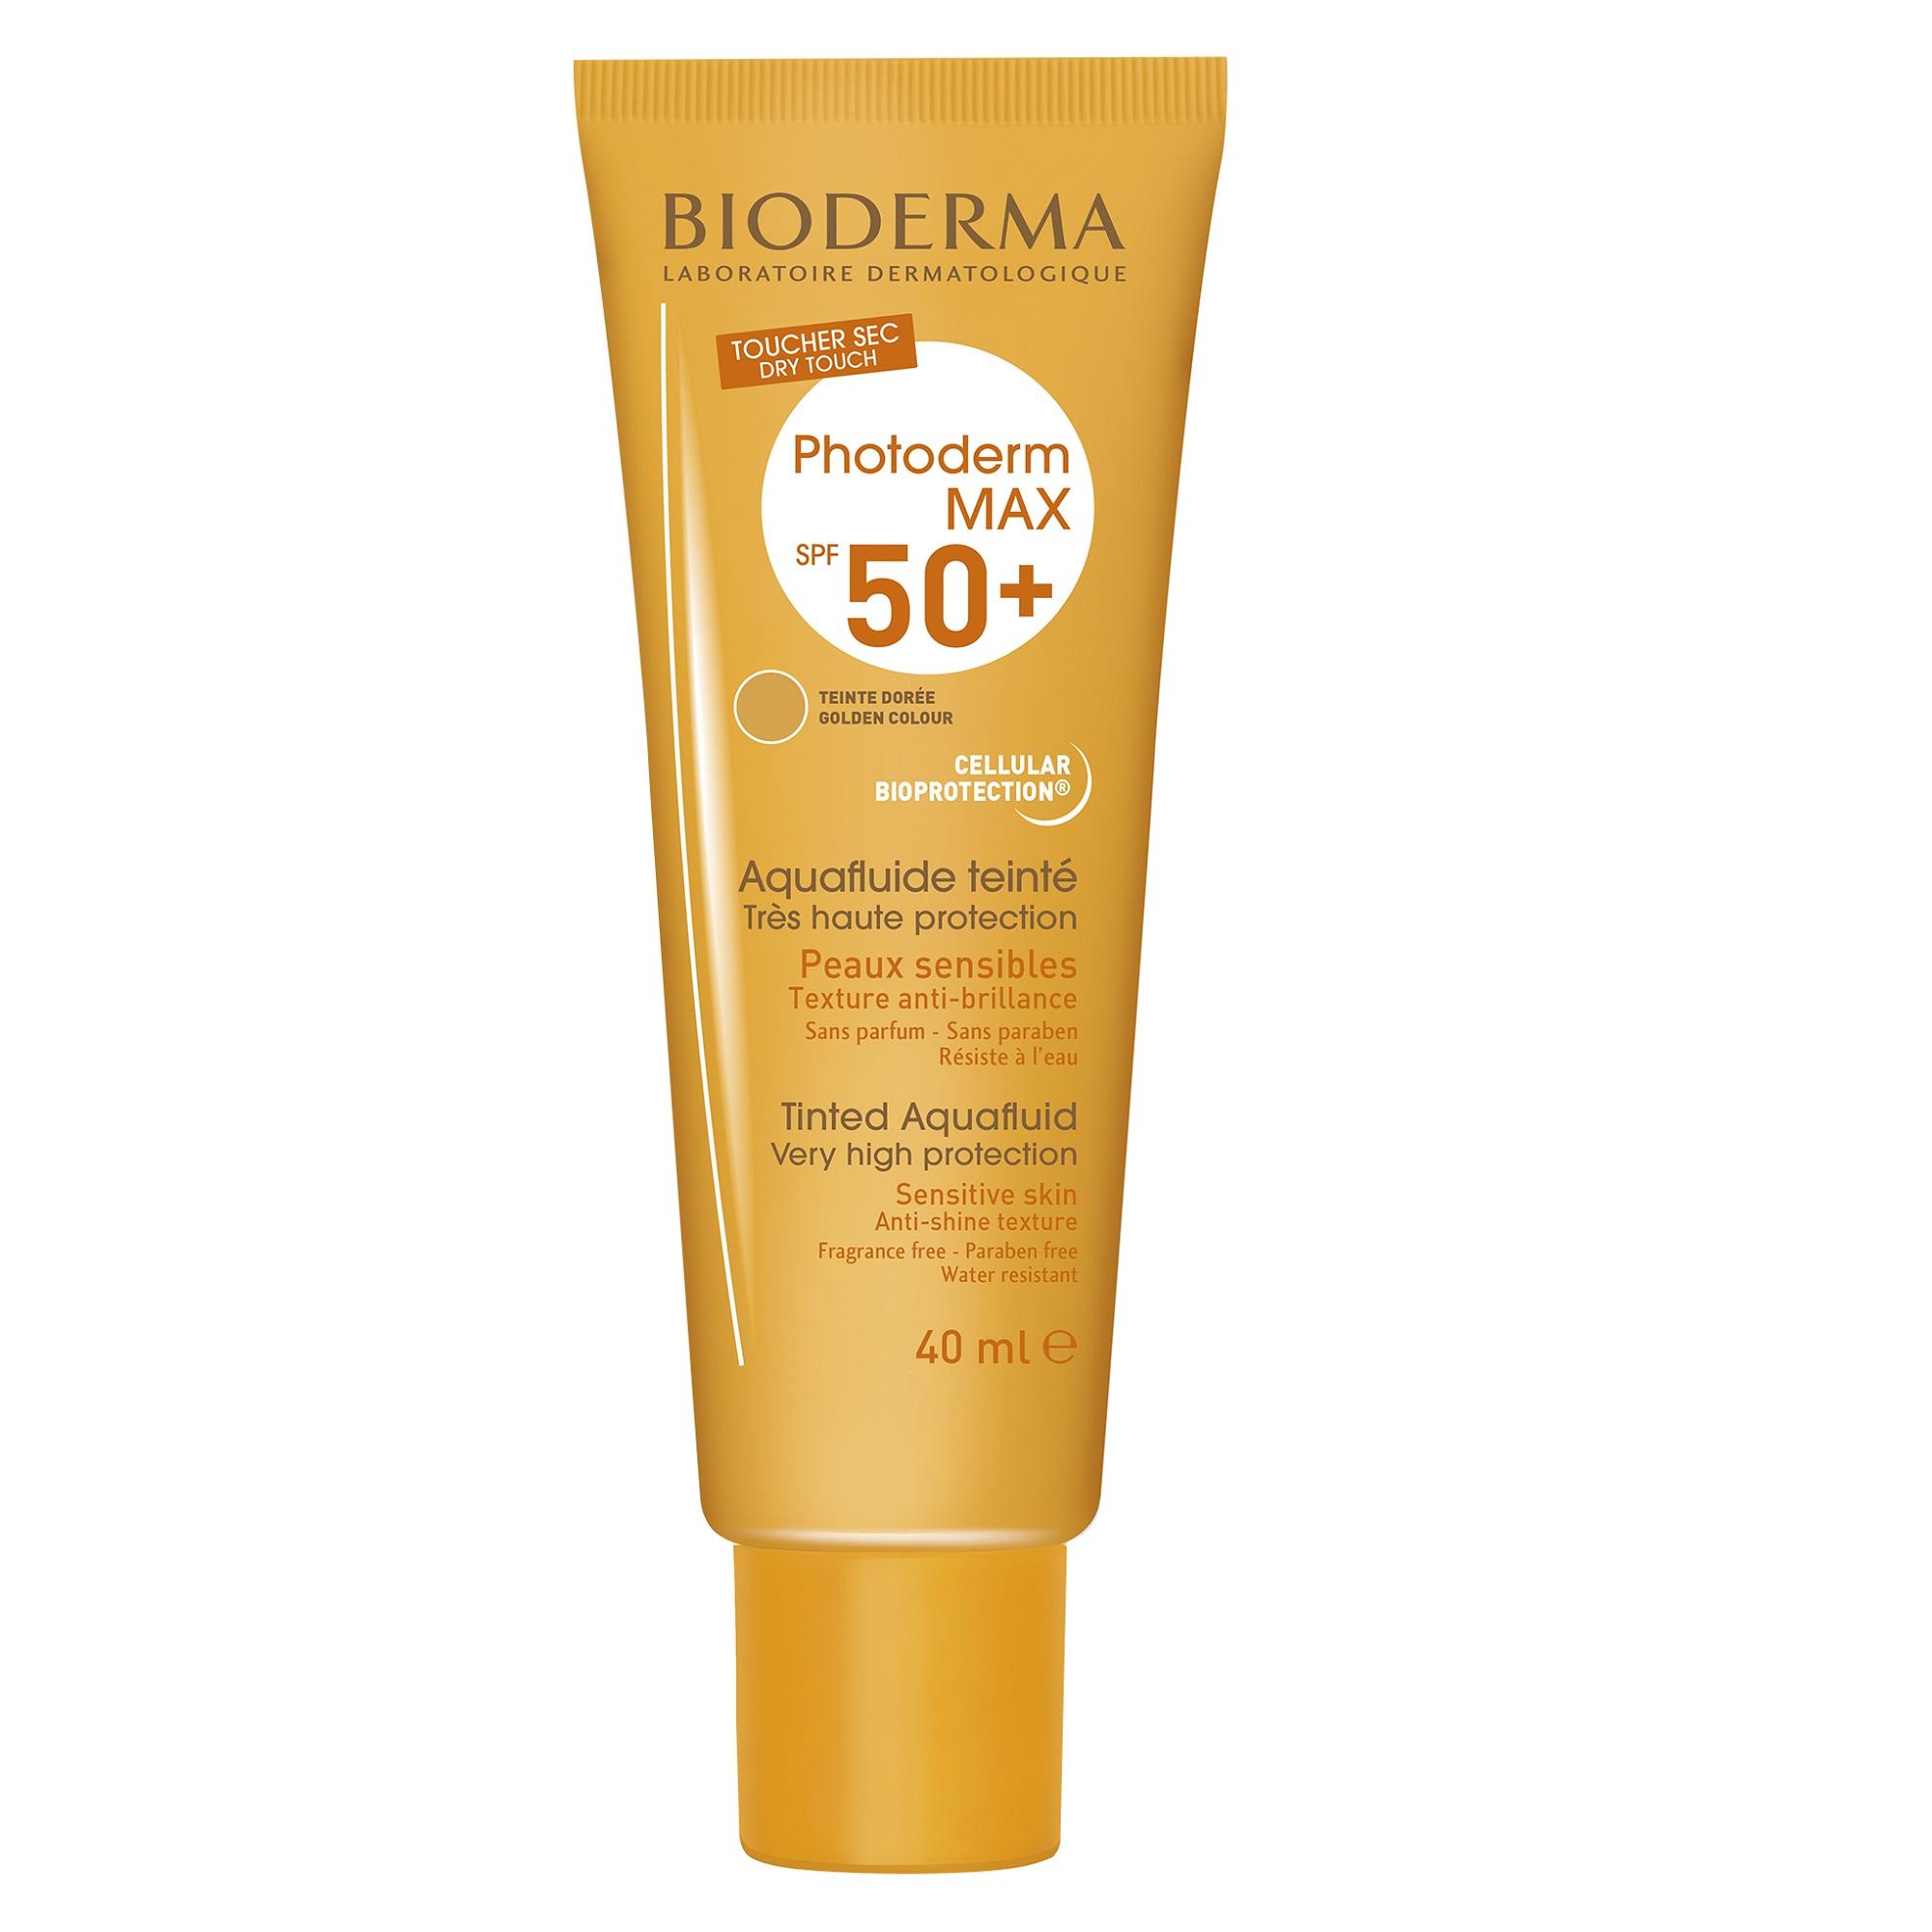 Cremă protecție solară nuanță aurie Photoderm Max Aquafluide SPF 50+, 40 ml, Bioderma